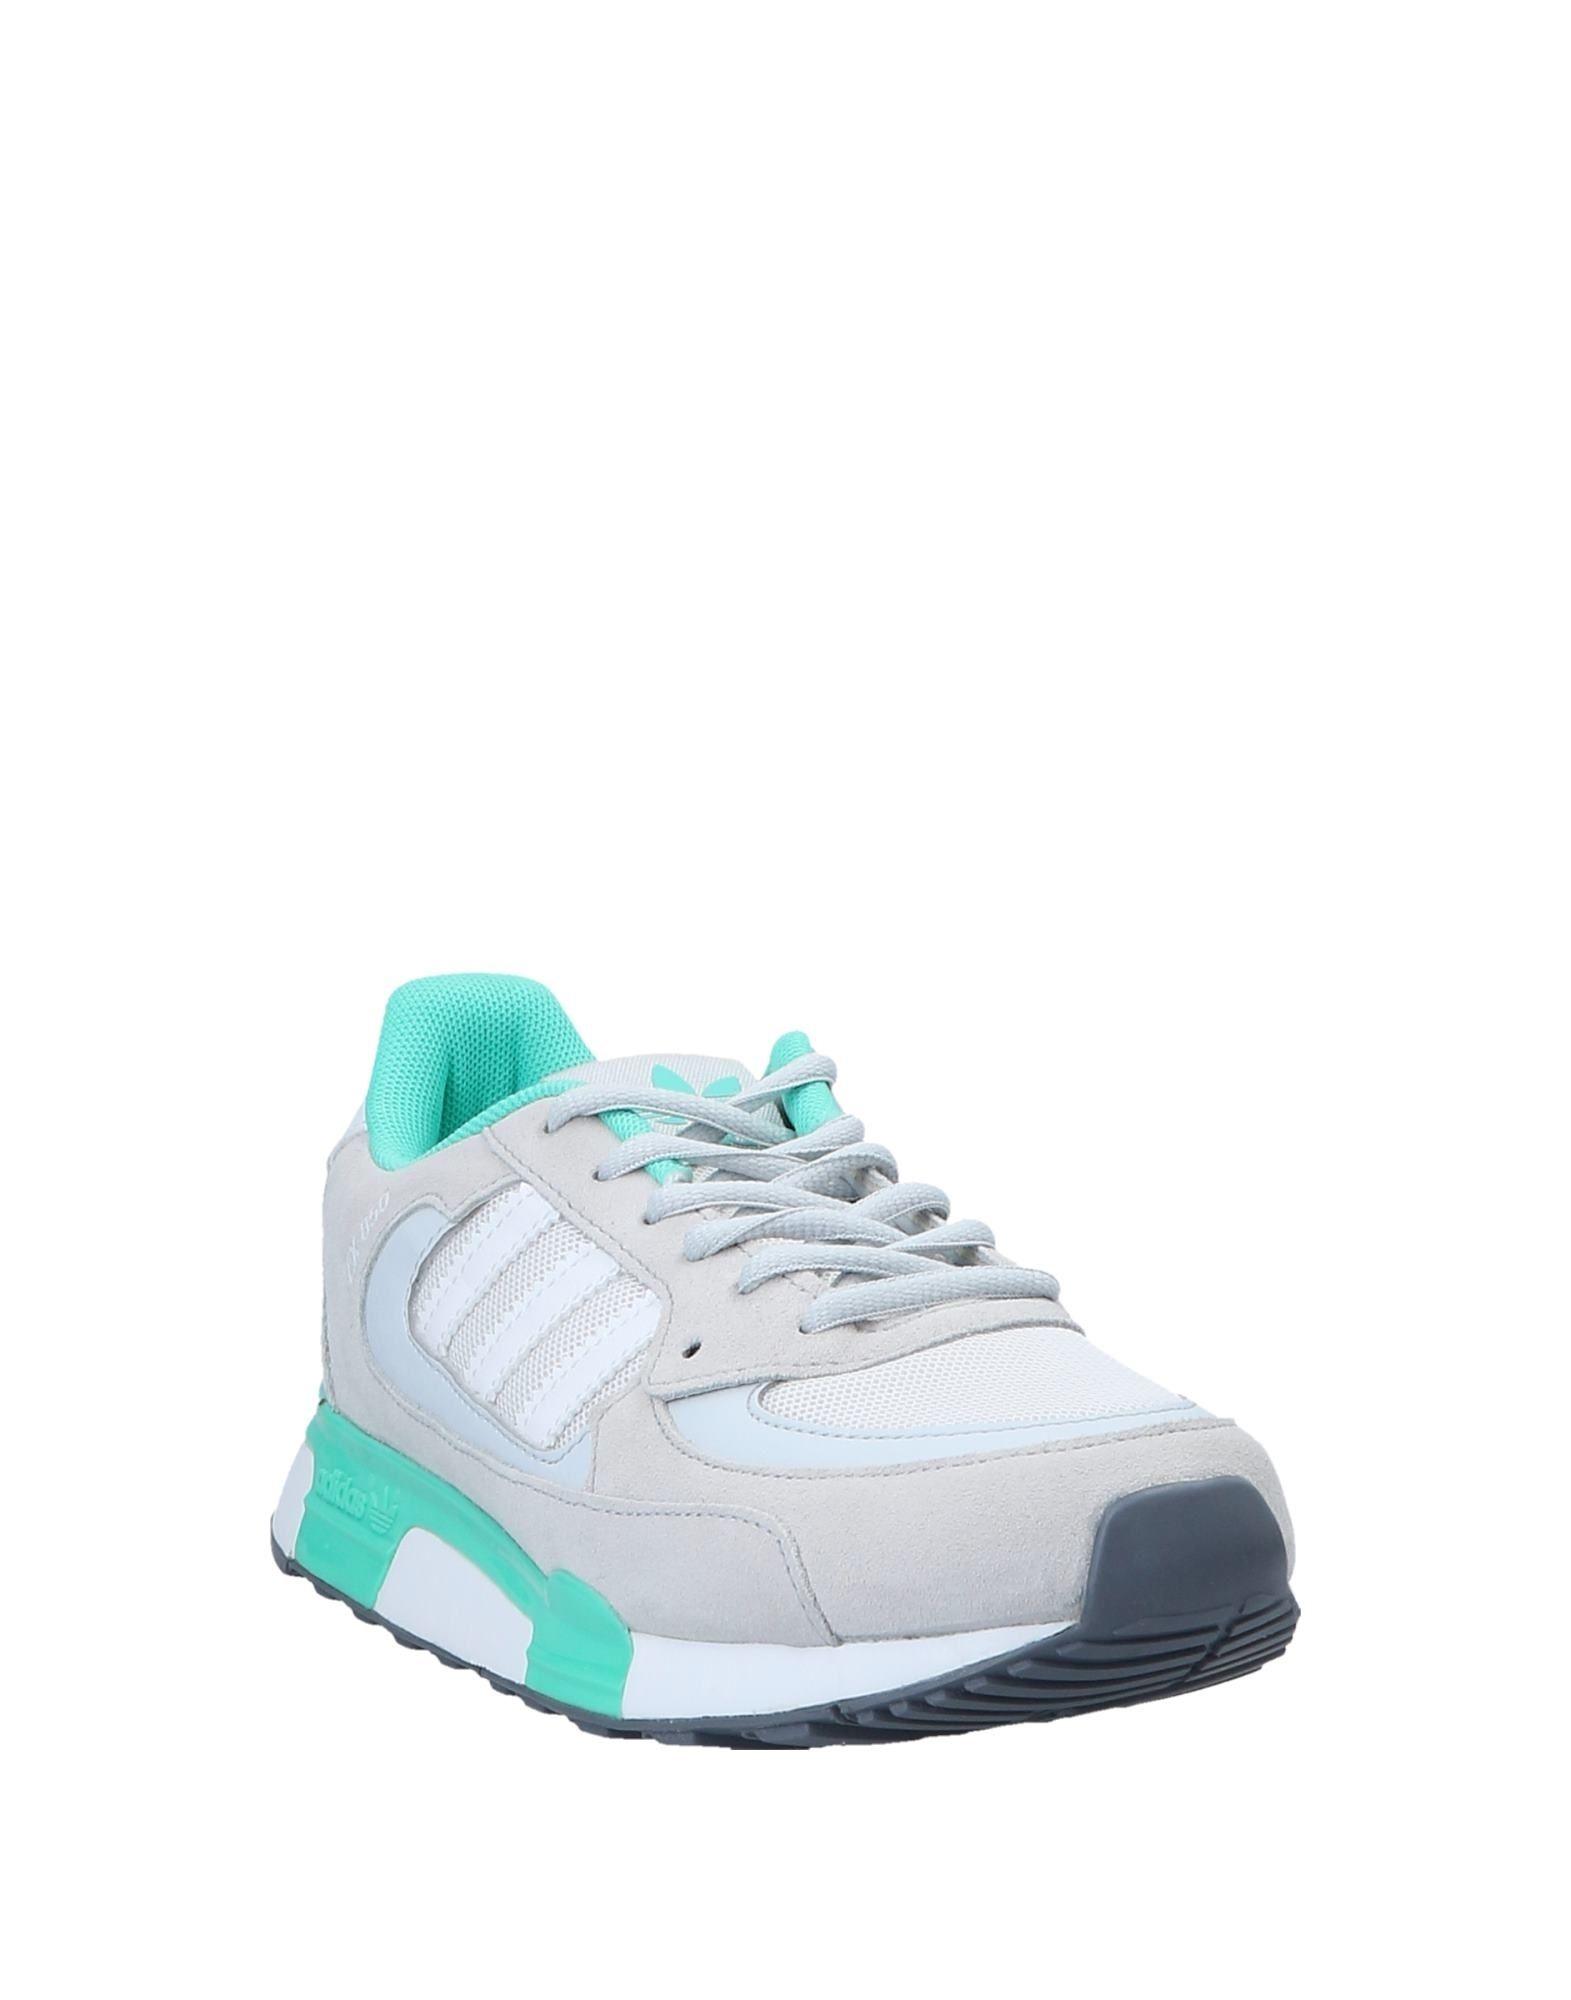 Adidas Originals Sneakers Damen  11549124TP Gute Qualität beliebte beliebte beliebte Schuhe 2e20f7